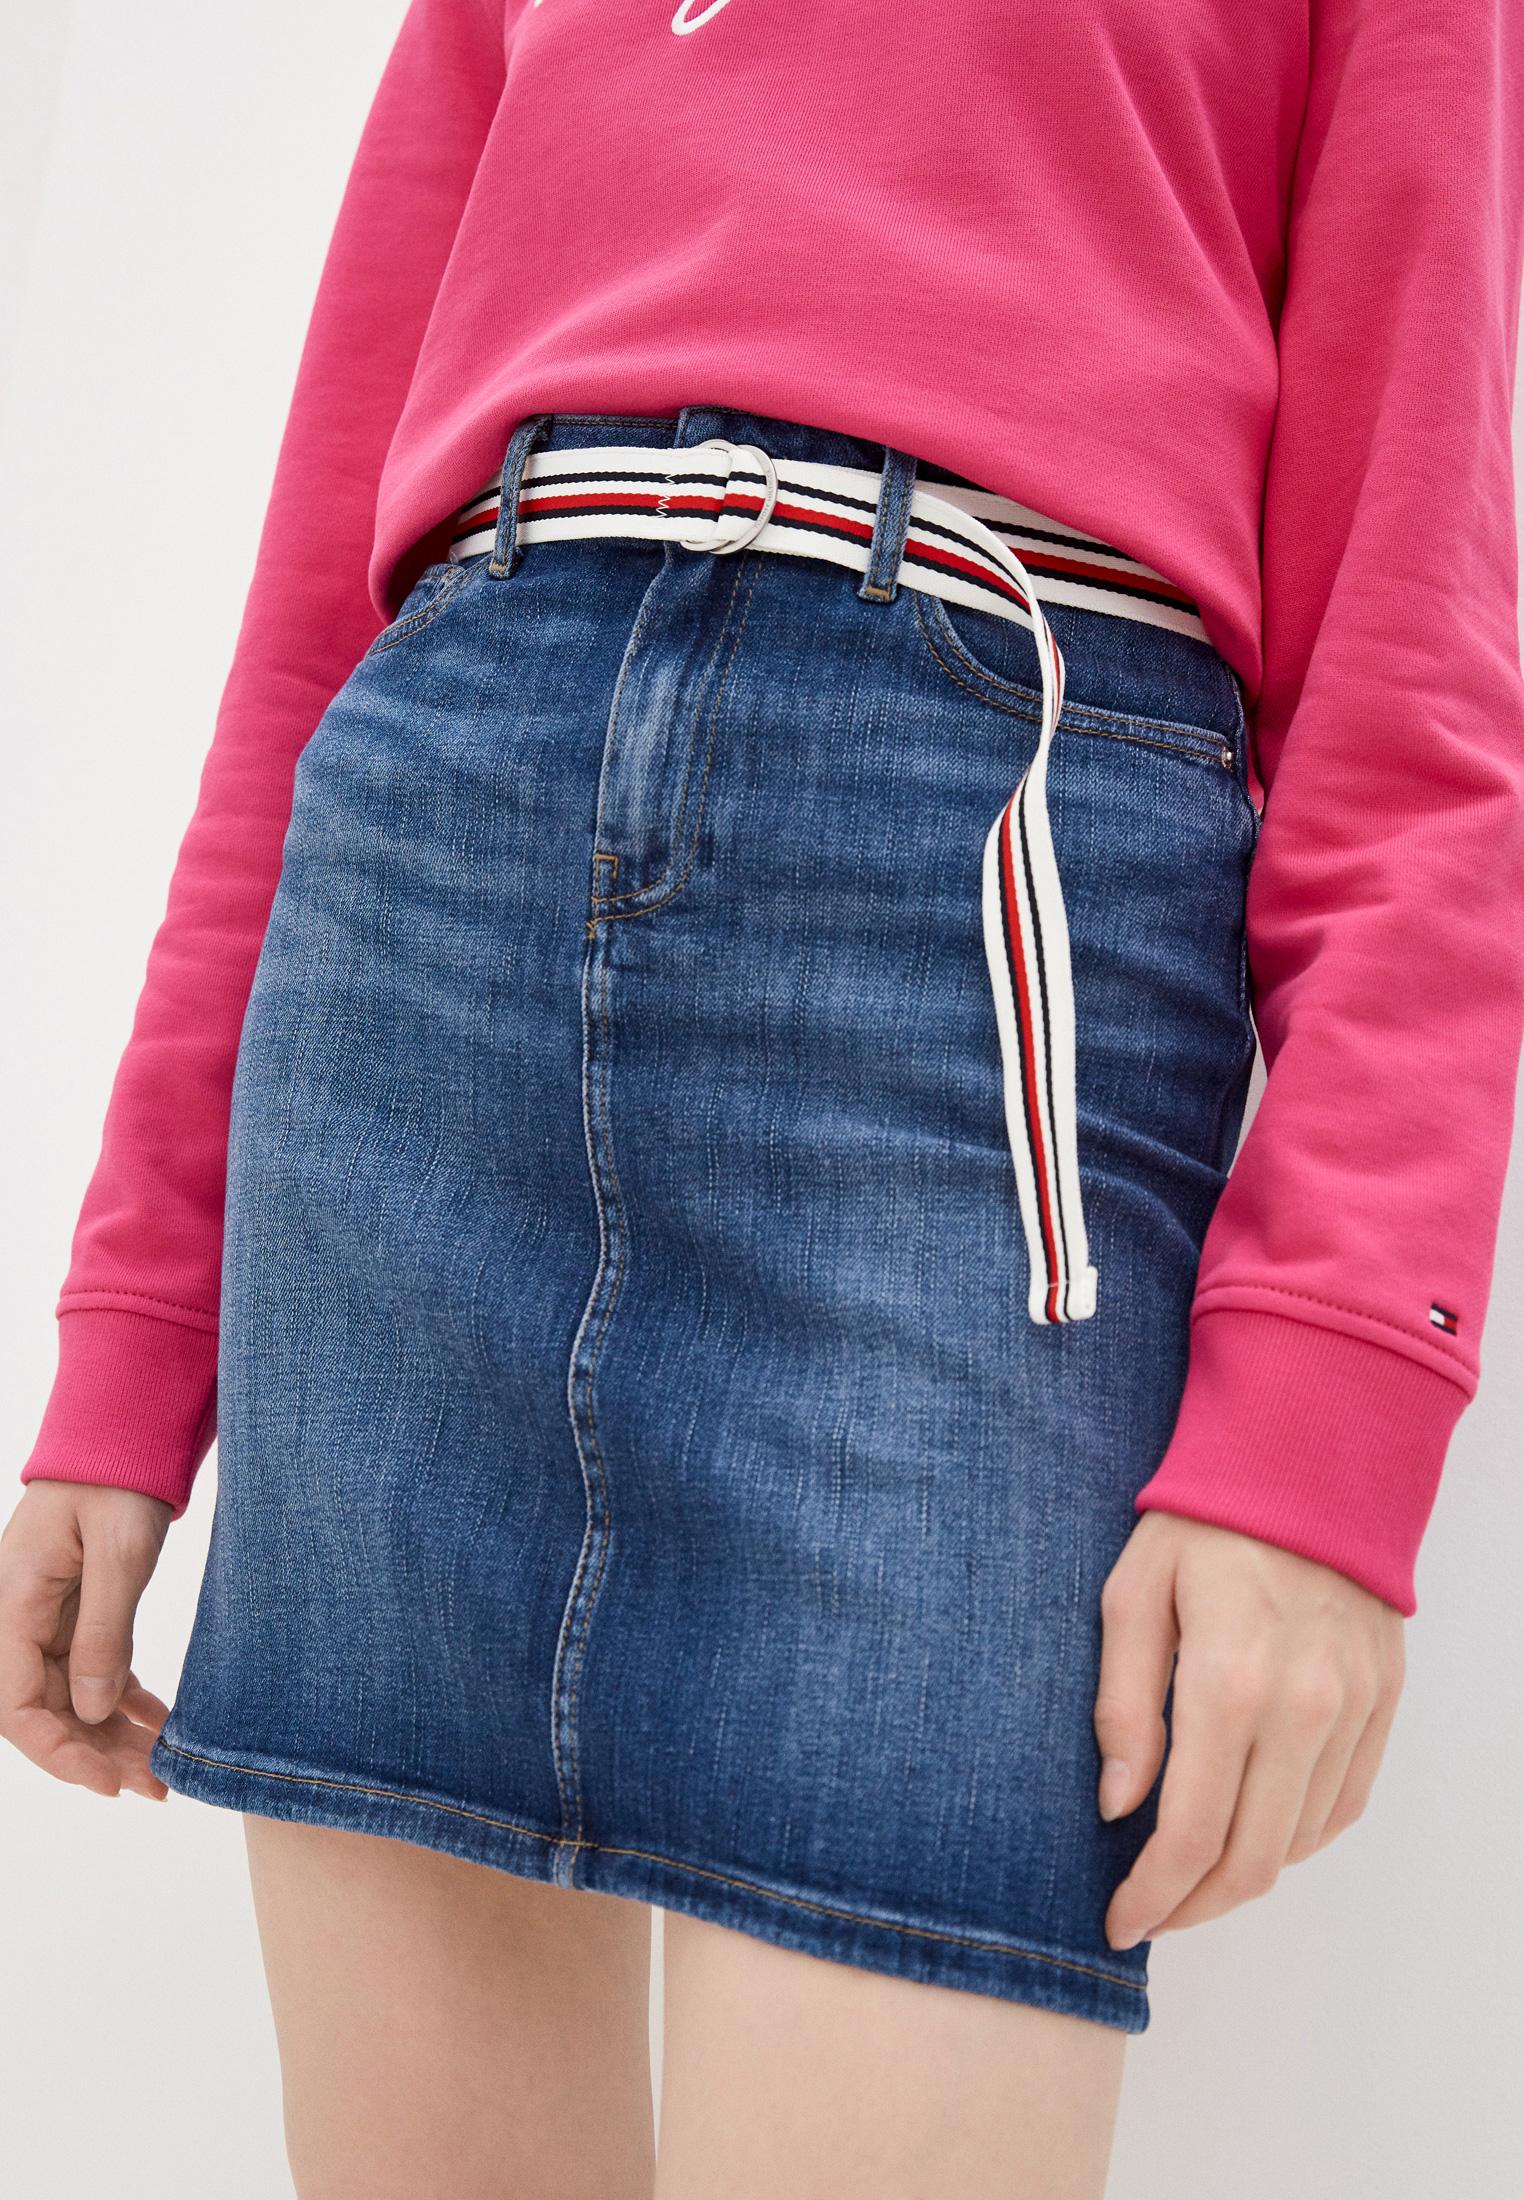 Джинсовая юбка Tommy Hilfiger (Томми Хилфигер) Юбка джинсовая Tommy Hilfiger